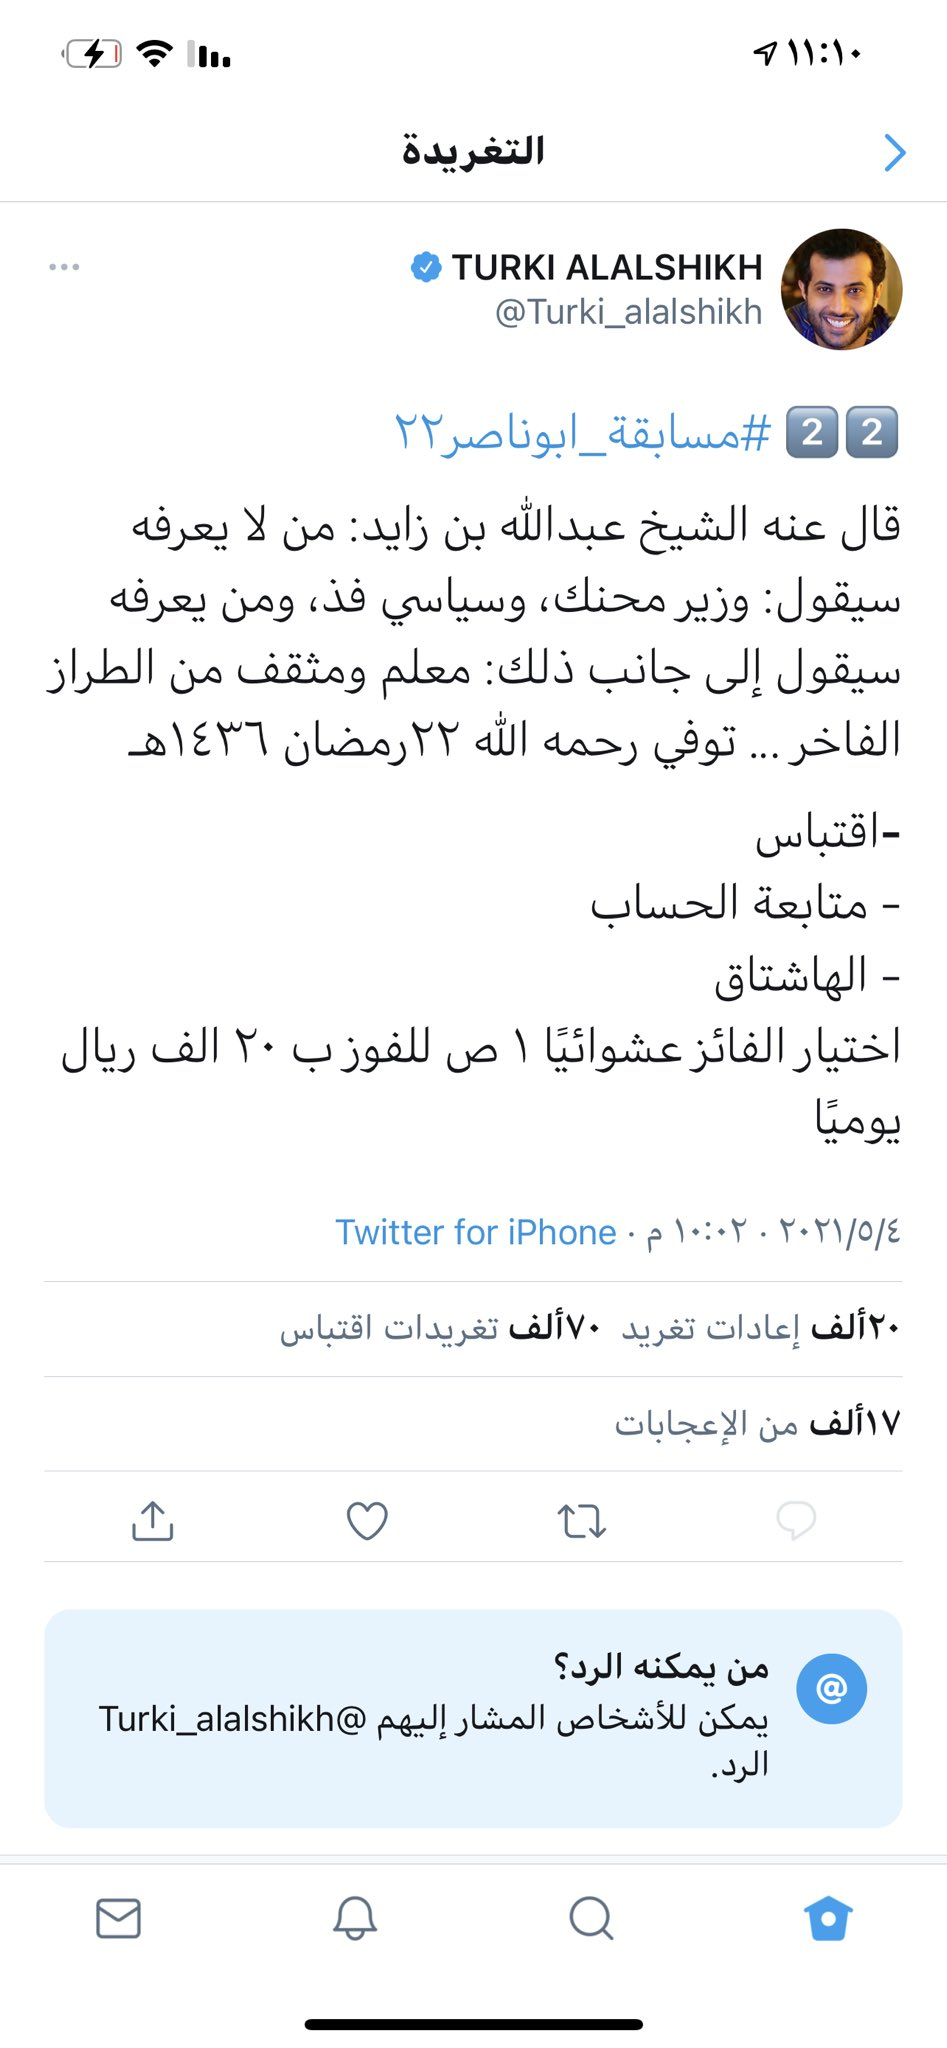 وزير الخارجيه صورة فوتوغرافية,وزير الخارجيه اتجاهات تويتر - أعلى التغريدات